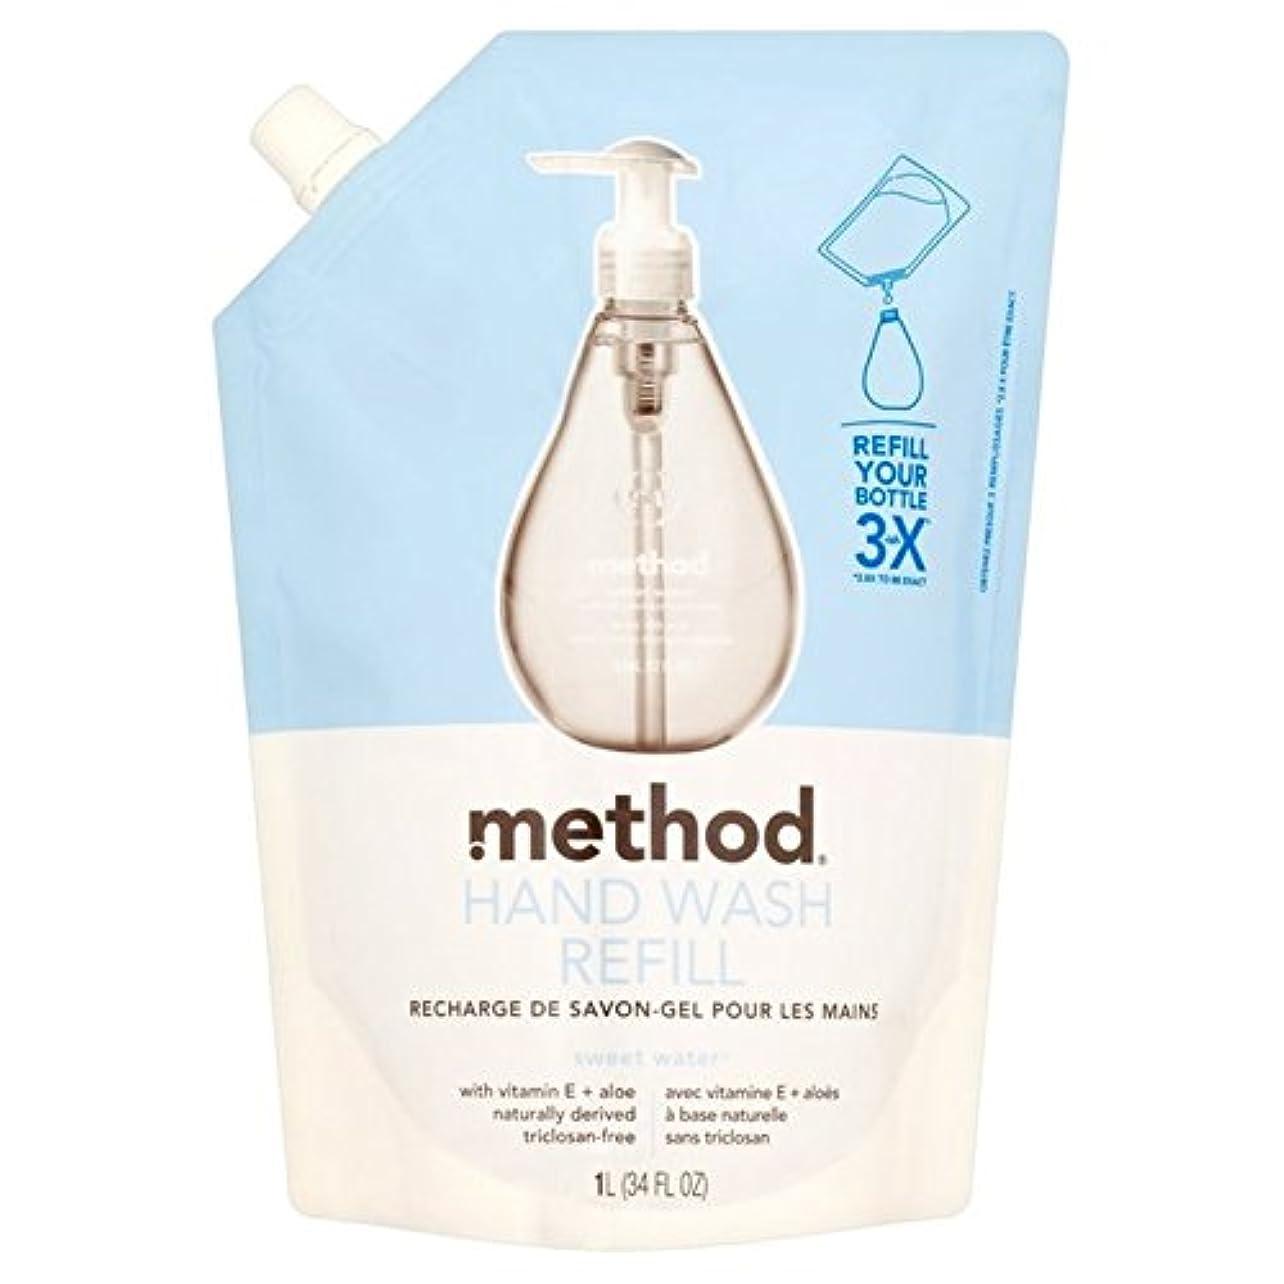 陪審ピットもっと少なくメソッドの甘い水のリファイルの手洗いの1リットル x4 - Method Sweet Water Refil Handwash 1L (Pack of 4) [並行輸入品]